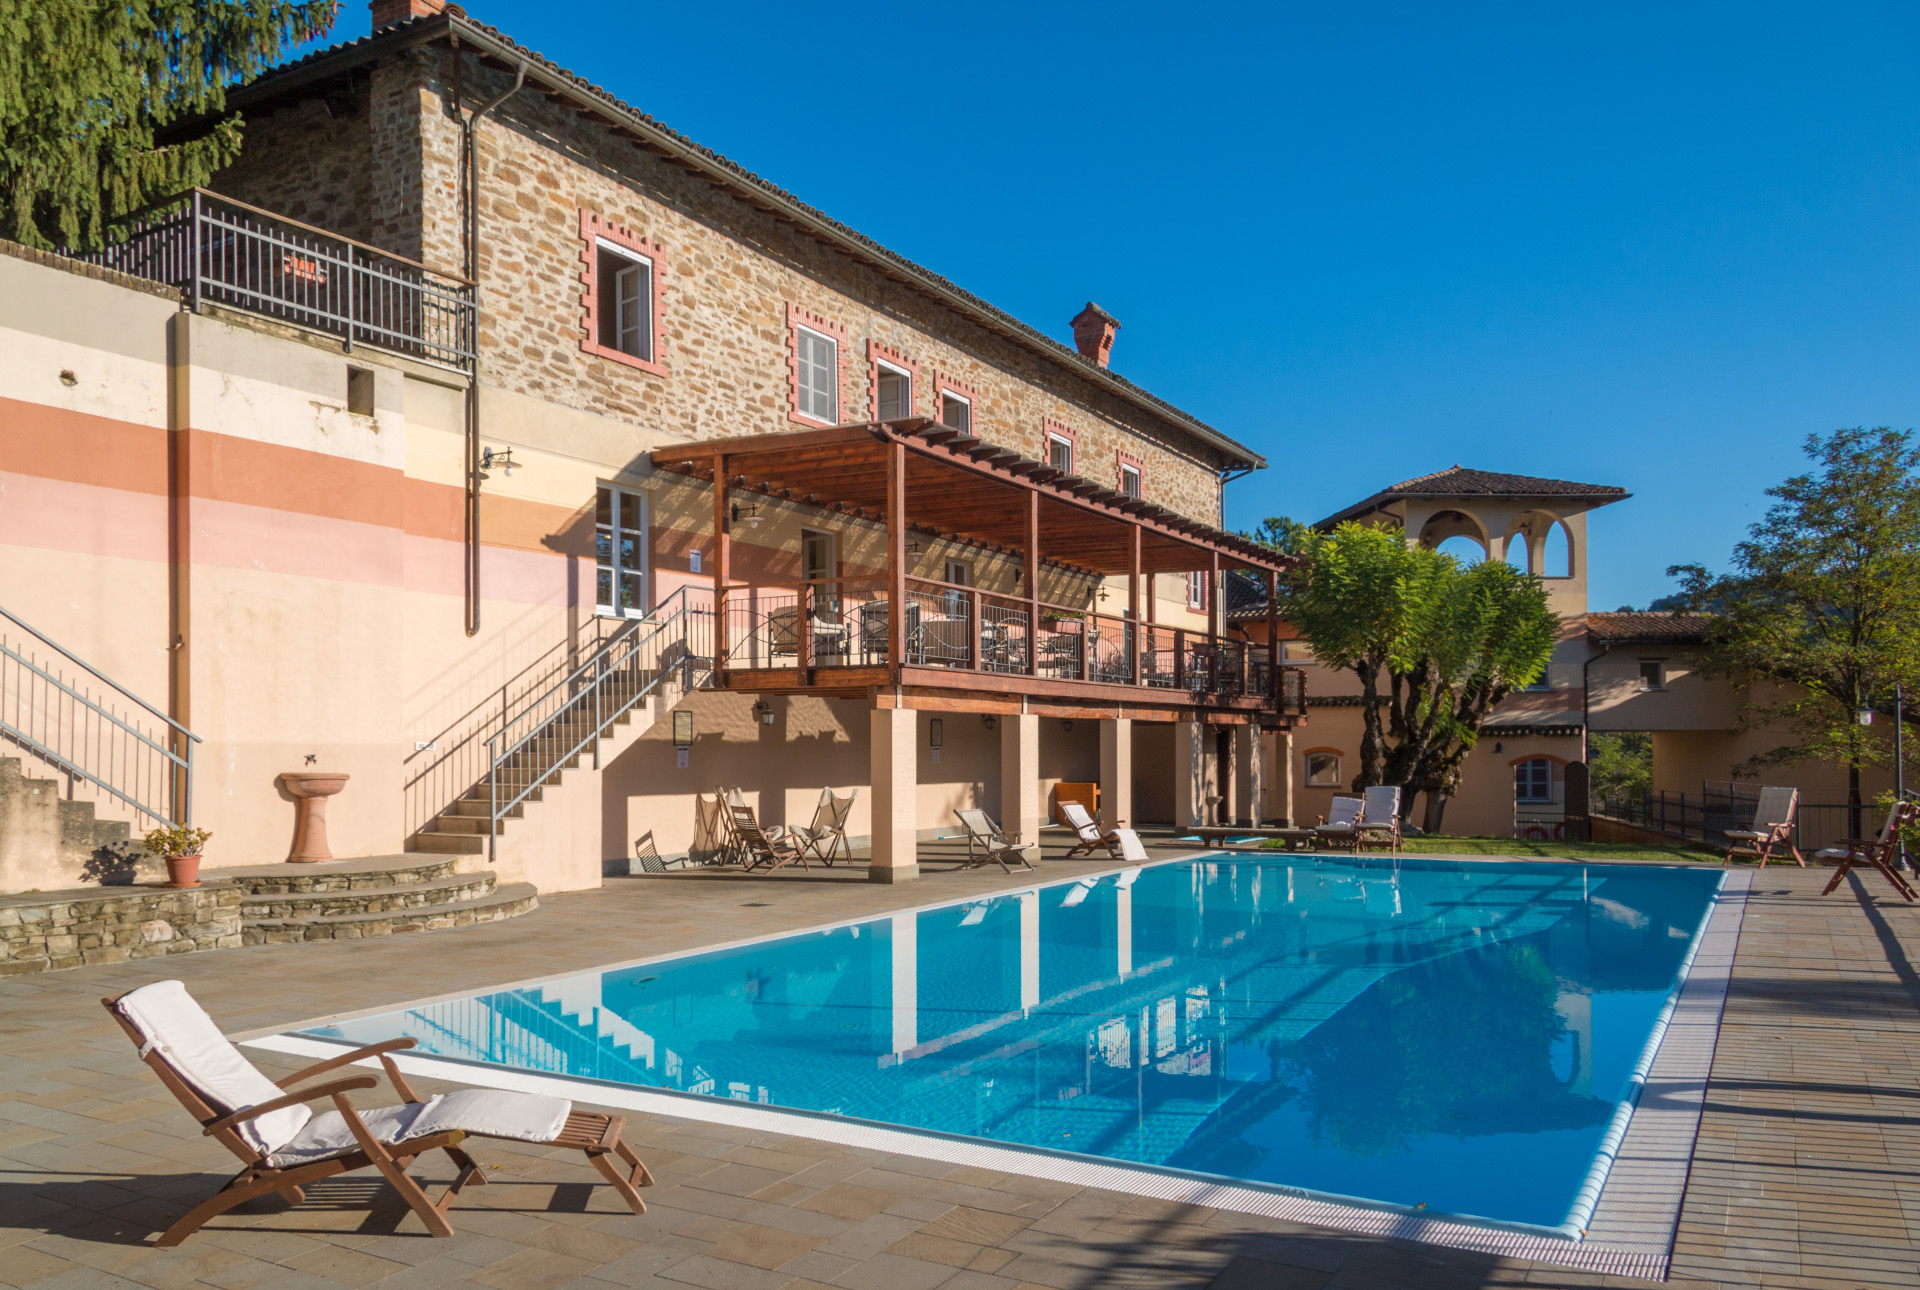 Bed & Breakfast in Piedmont, Italy